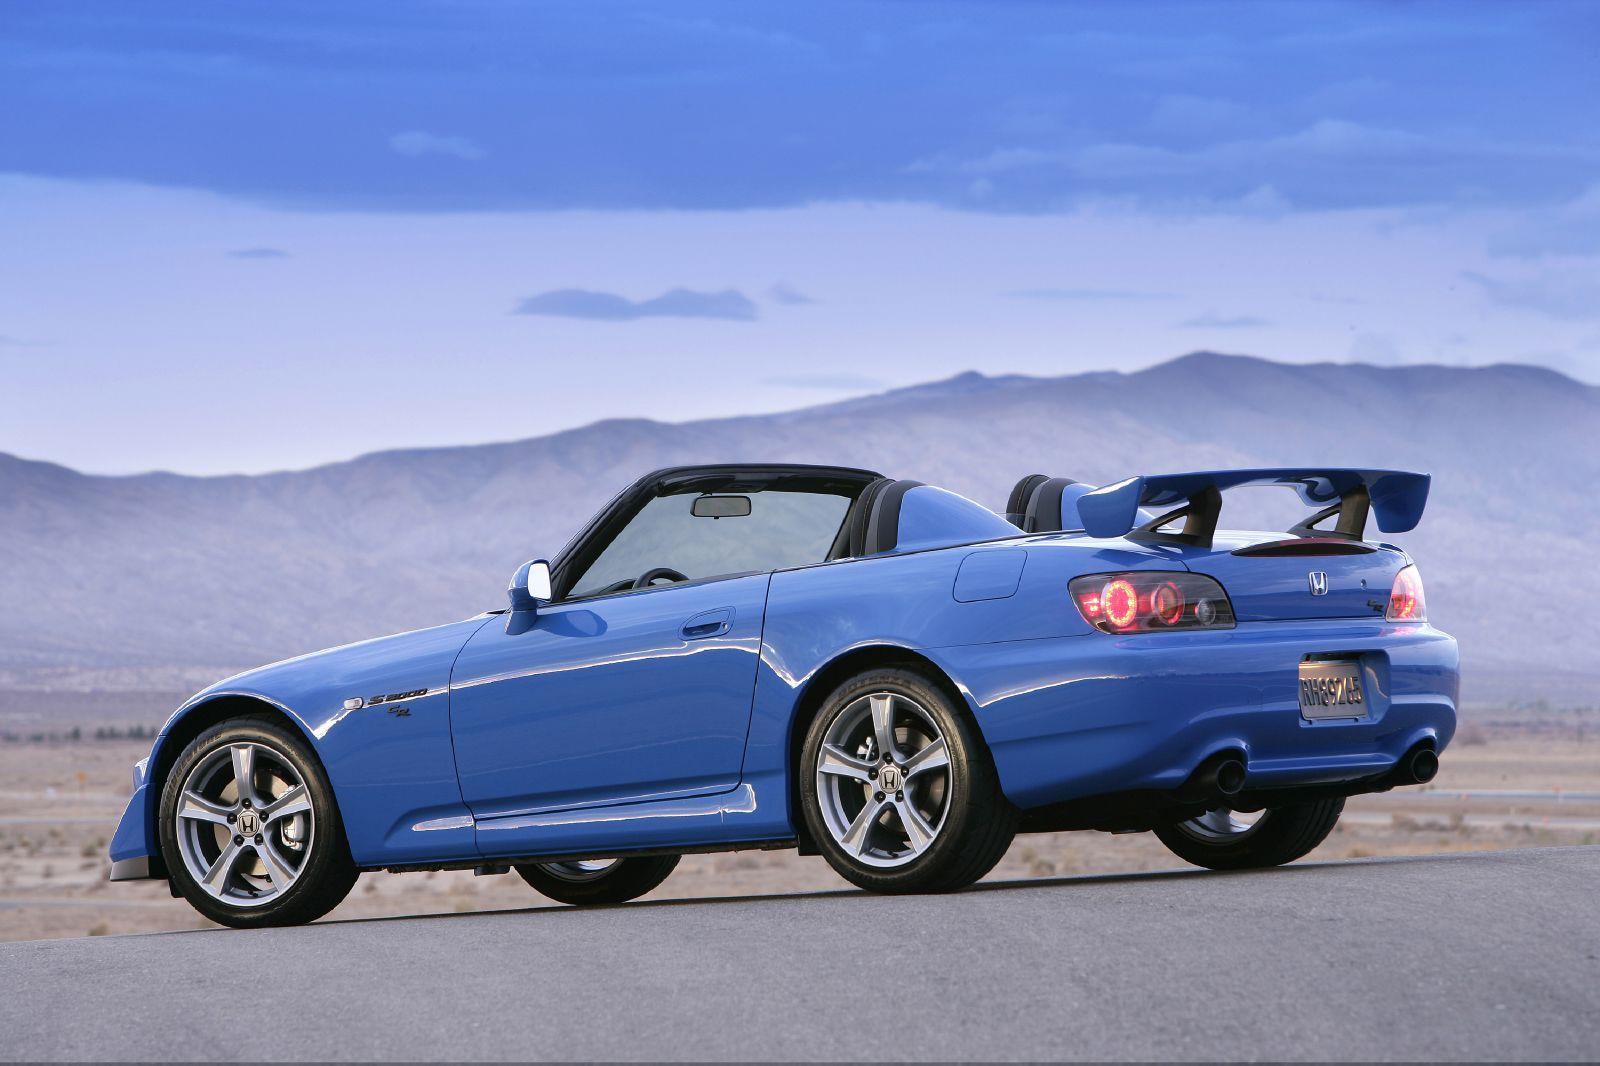 Honda S2000 Cr Best Hd Wallpapers Hd Car Wallpapers Honda S2000 Honda Japanese Cars